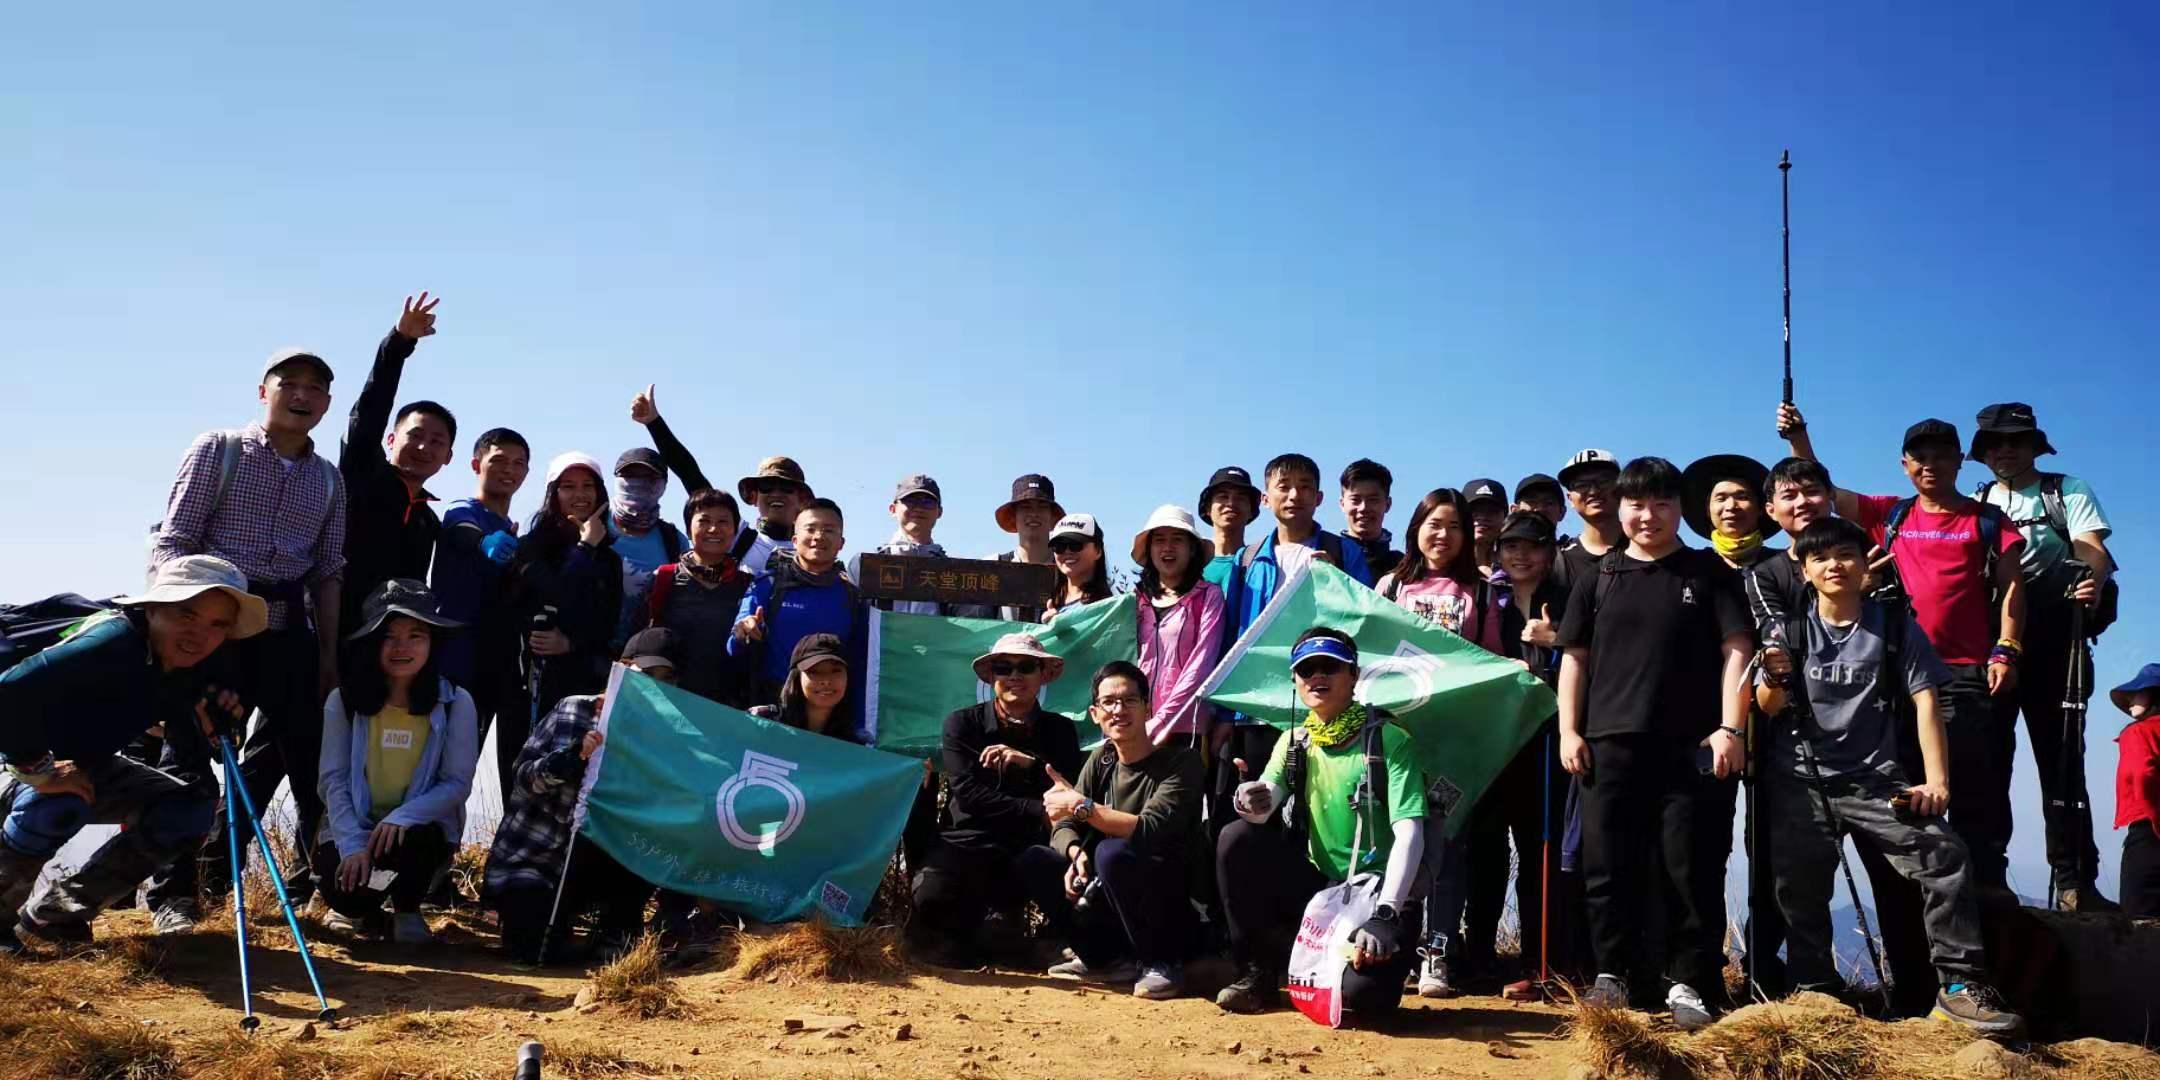 2019.11.30 广州第一高峰从化天堂顶穿越